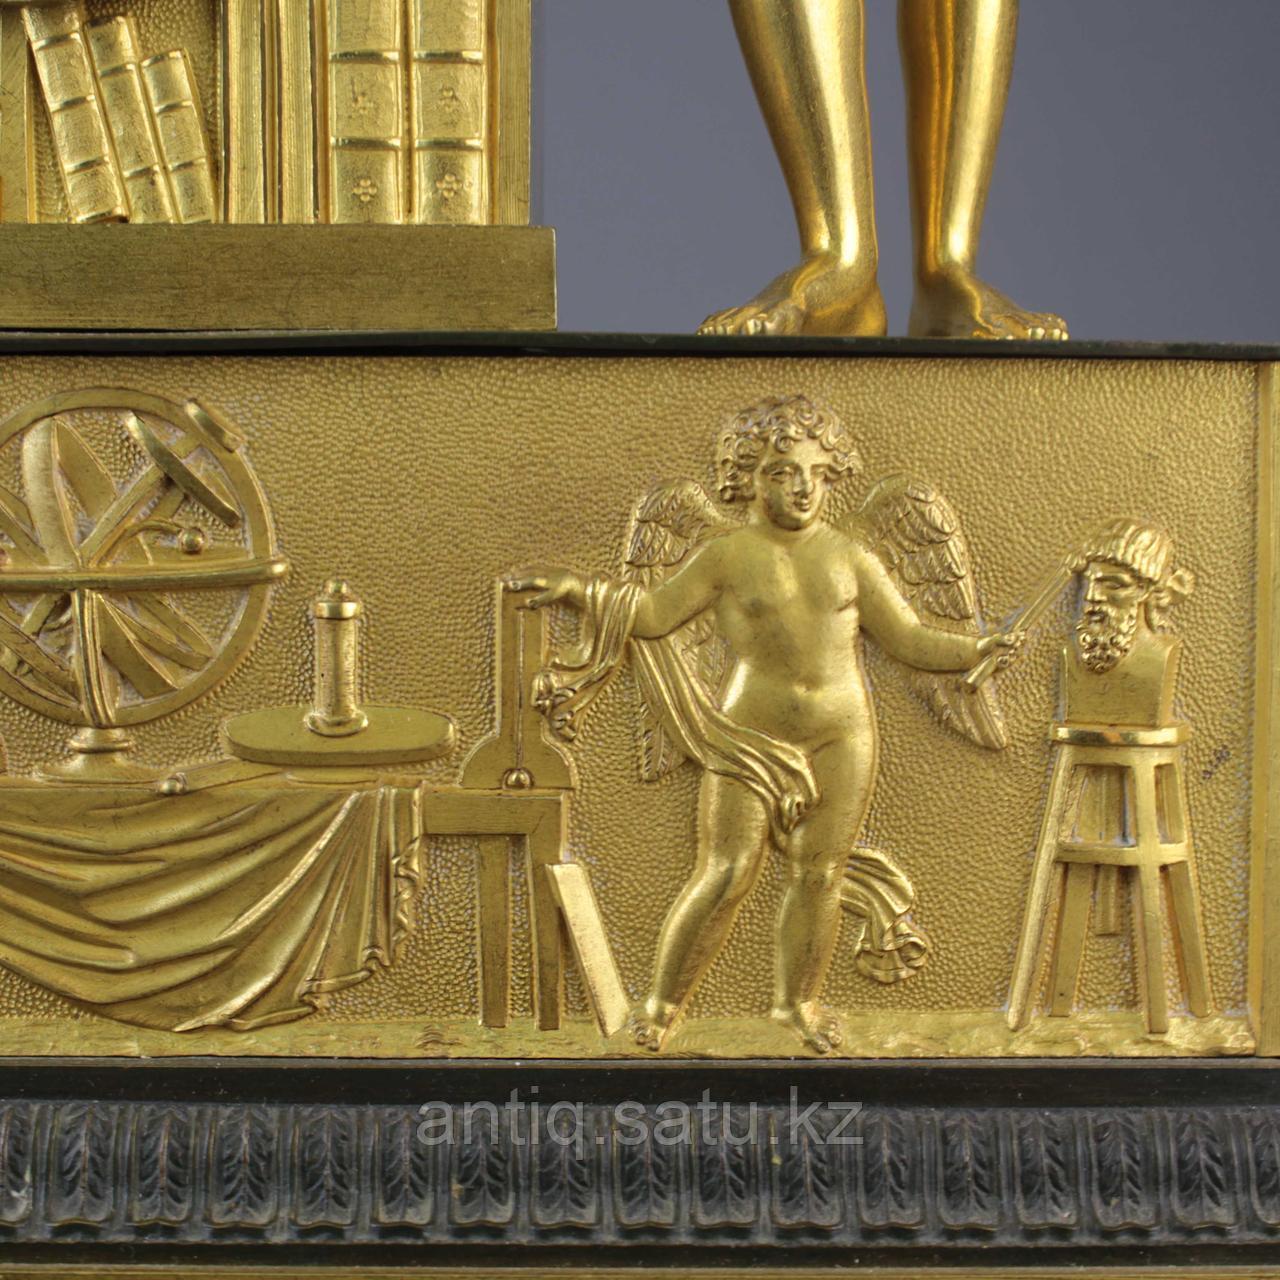 «Аллегория науки» Кабинетные эпохи Ампир. Франция. I половина XIX века - фото 8